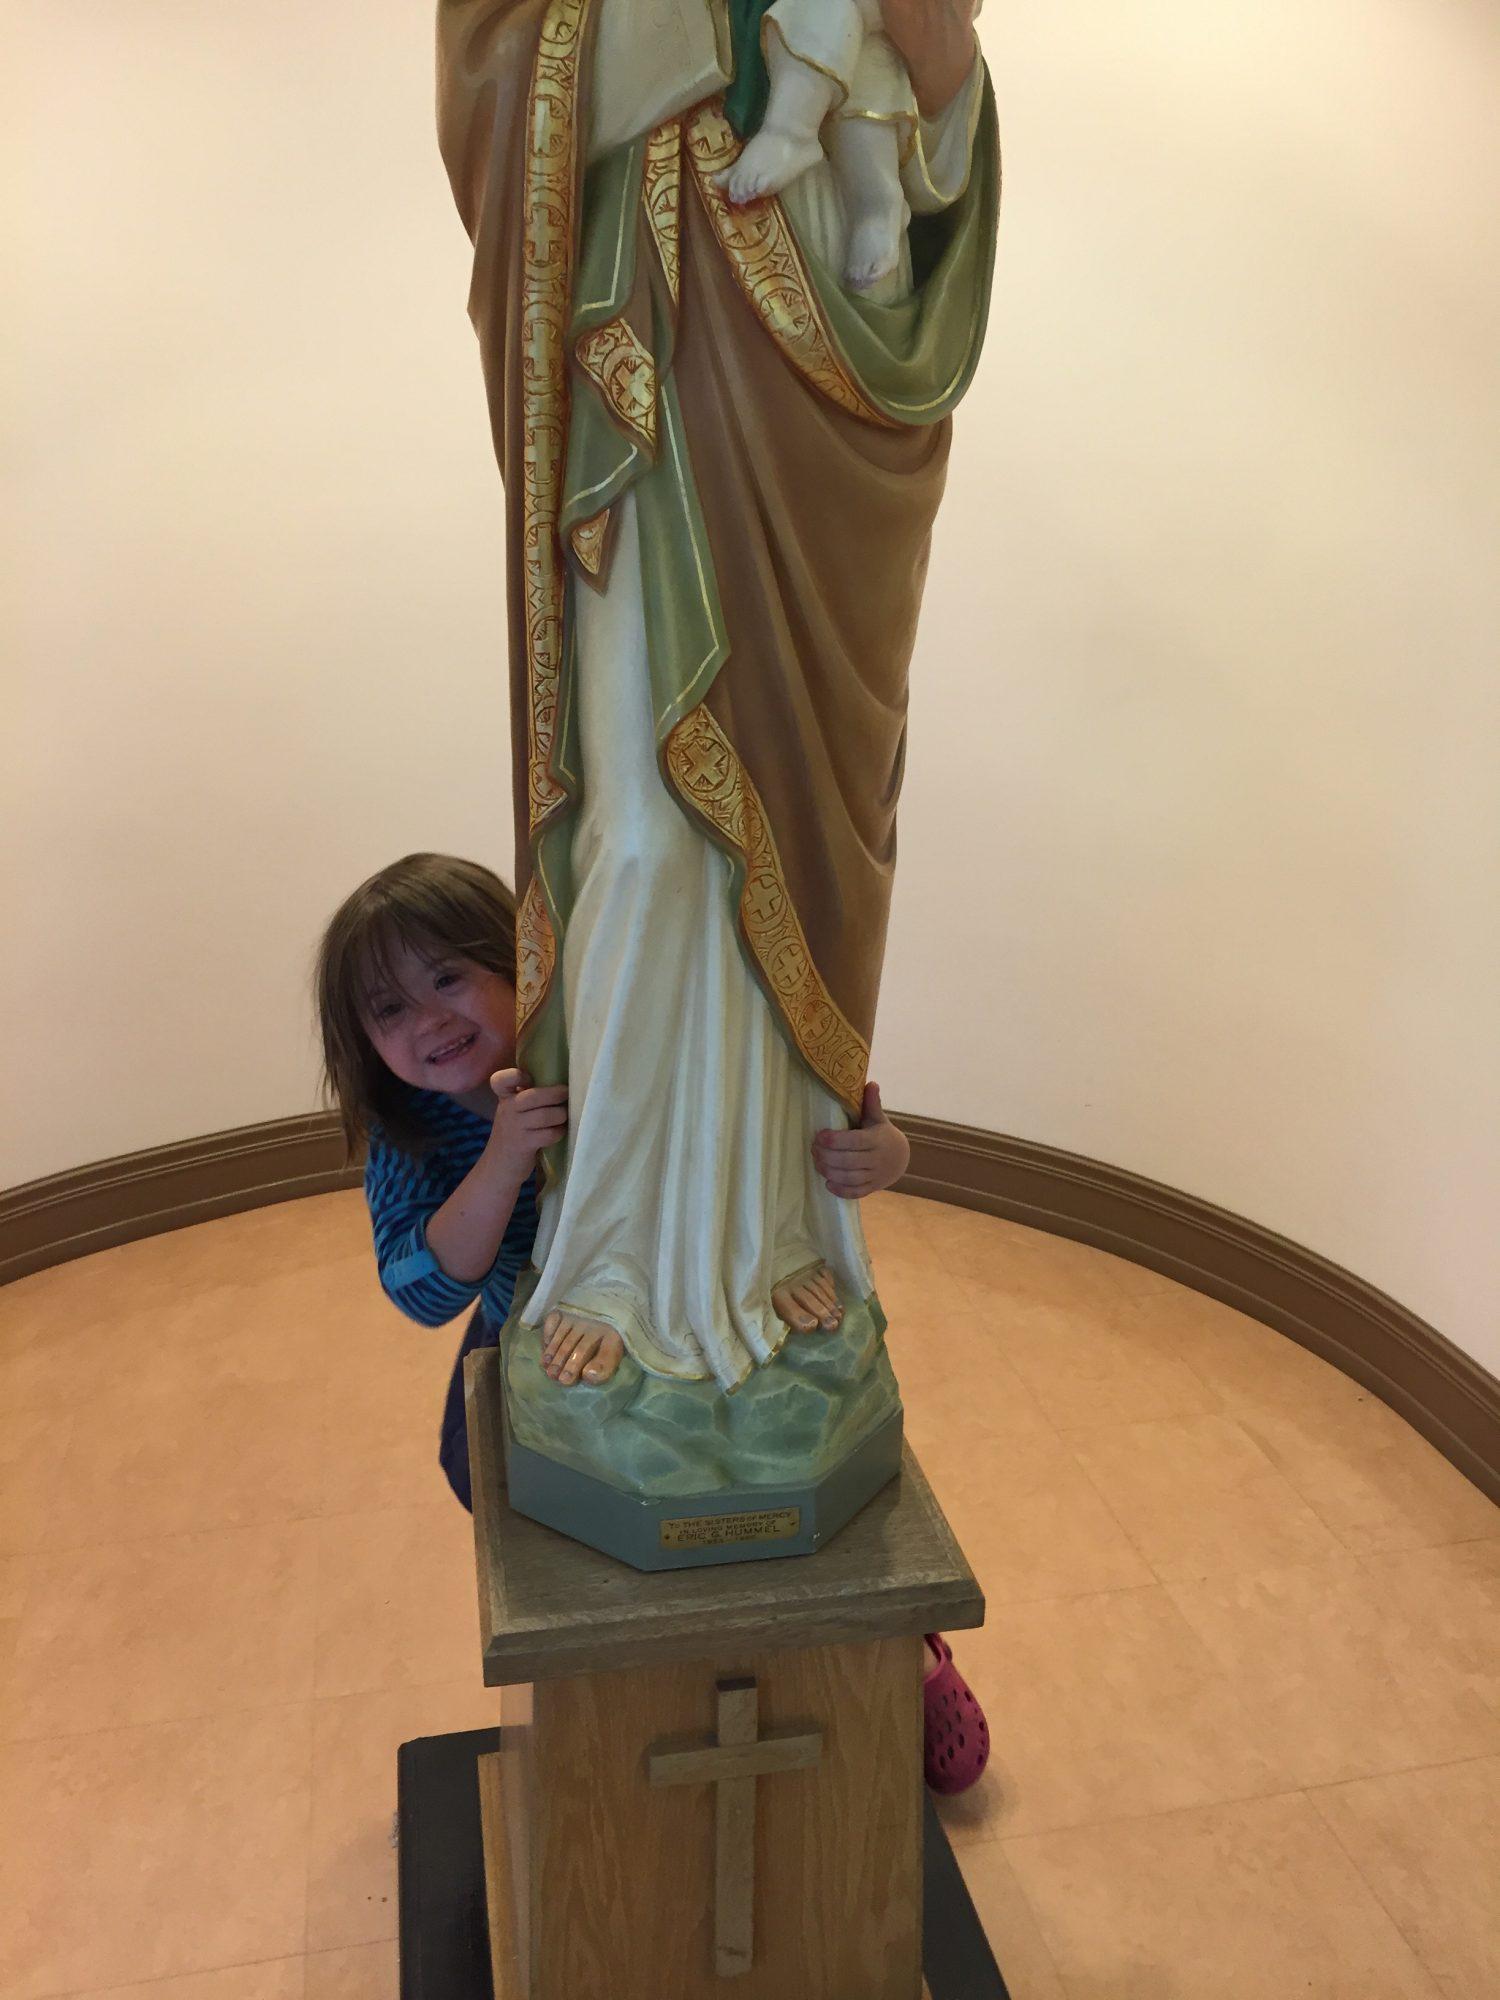 moxie hiding behind statue